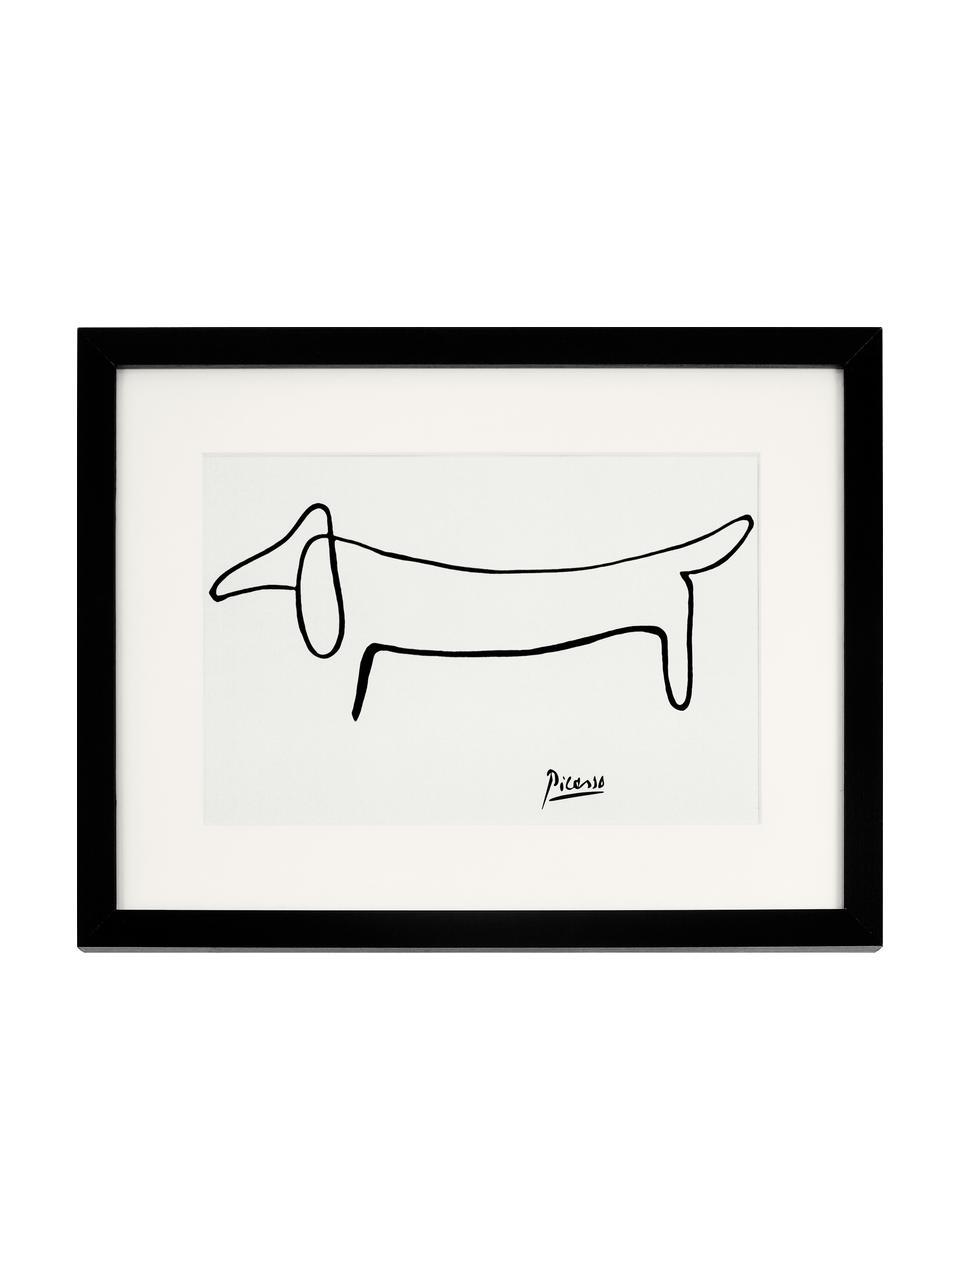 Ingelijste digitale print Picasso's Tekkel, Afbeelding: digitale print op papier,, Lijst: gelakt hout, Wit, zwart, 43 x 33 cm